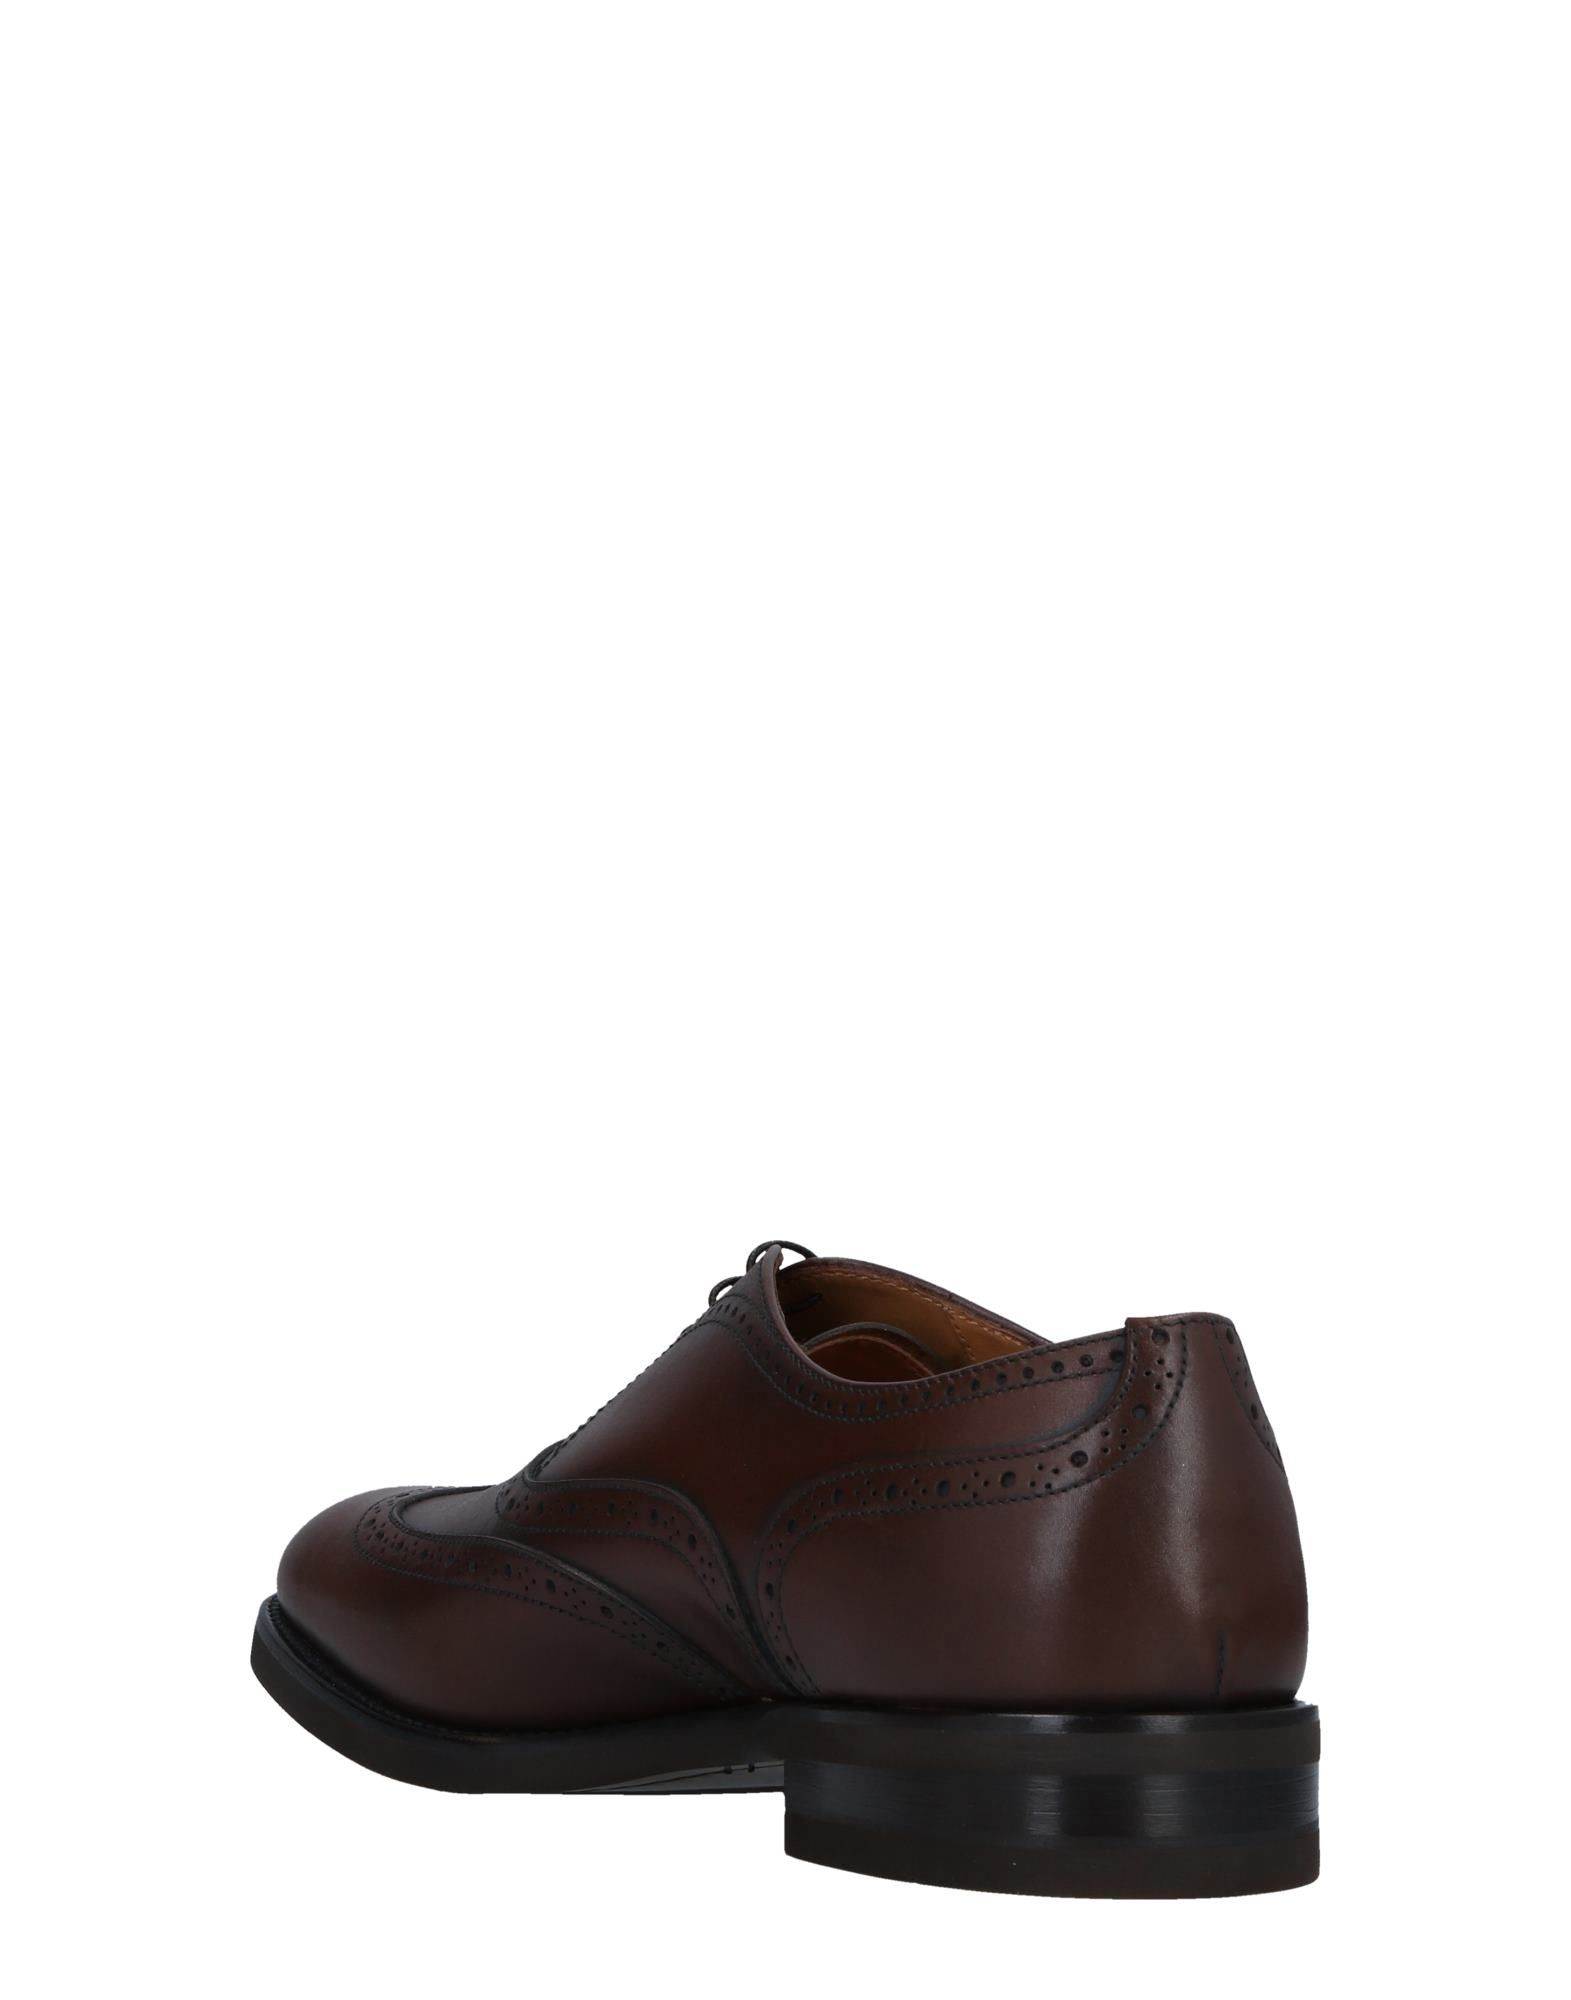 Fabi Schnürschuhe Herren  11517592IS Gute Qualität beliebte Schuhe